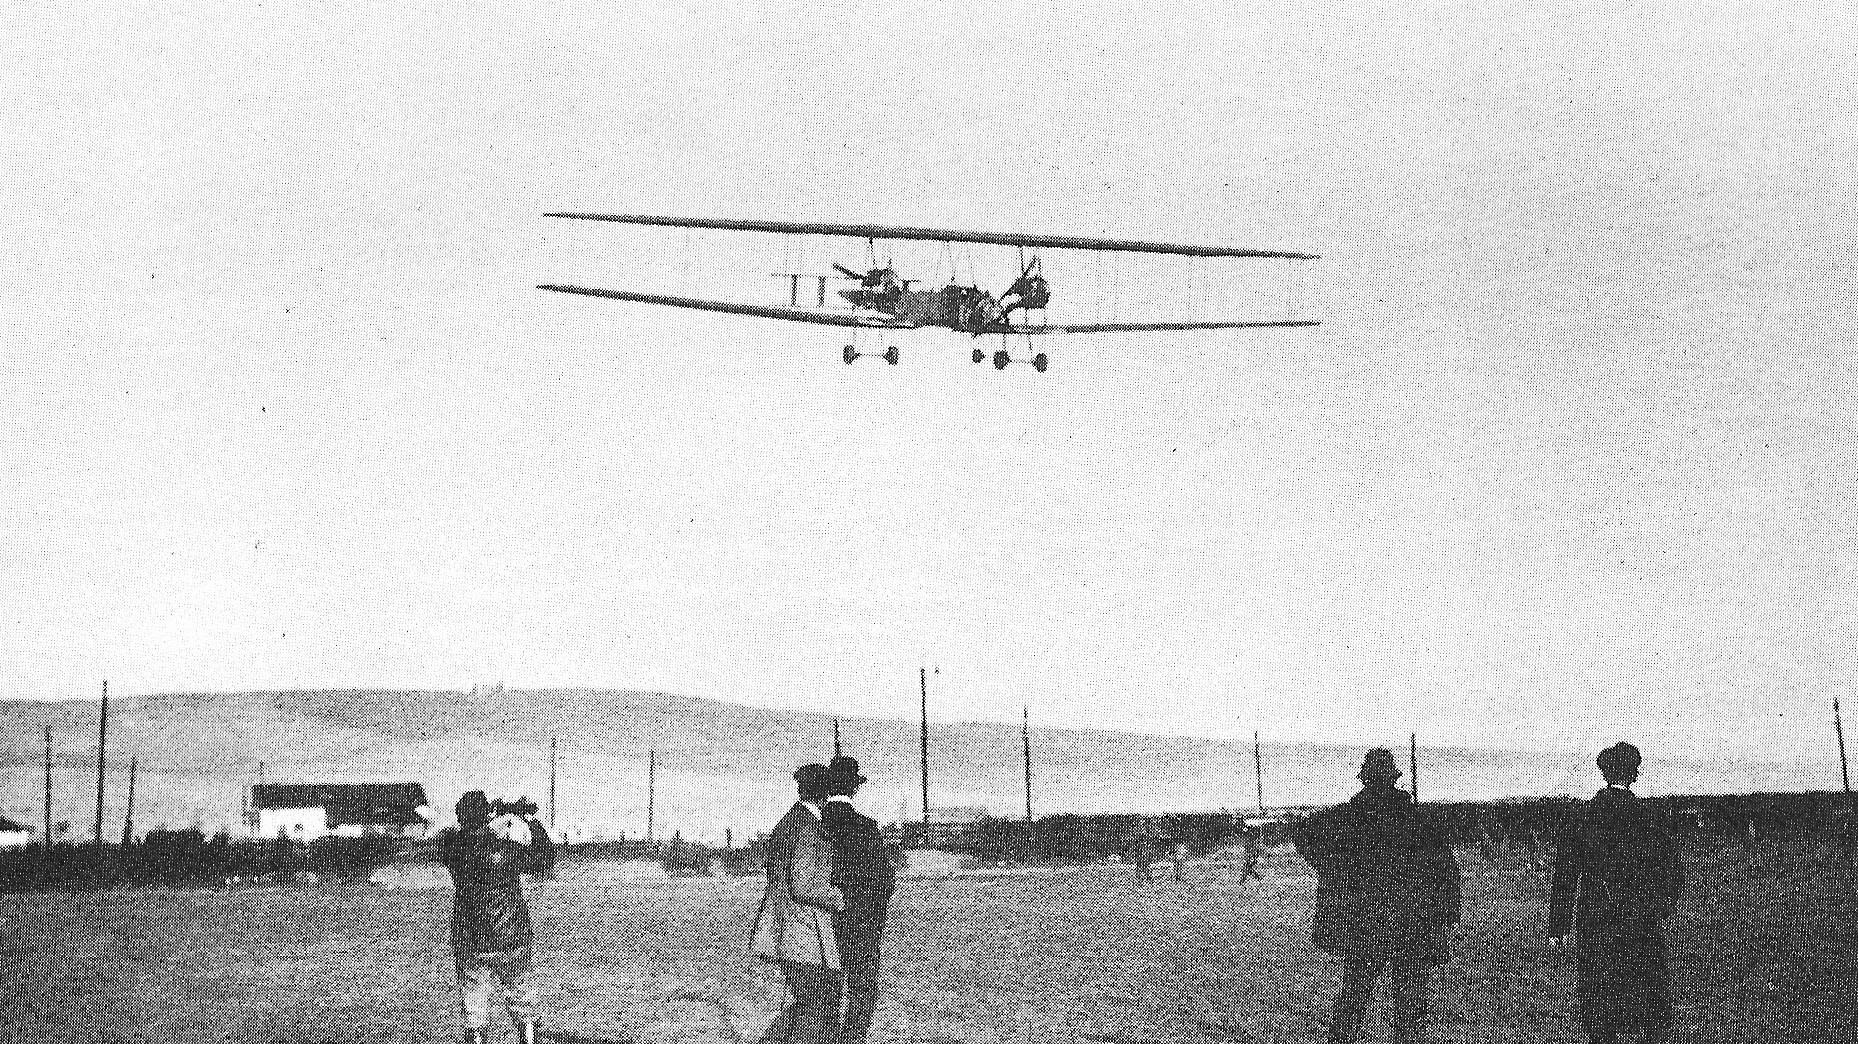 VGO 1 maiden flight